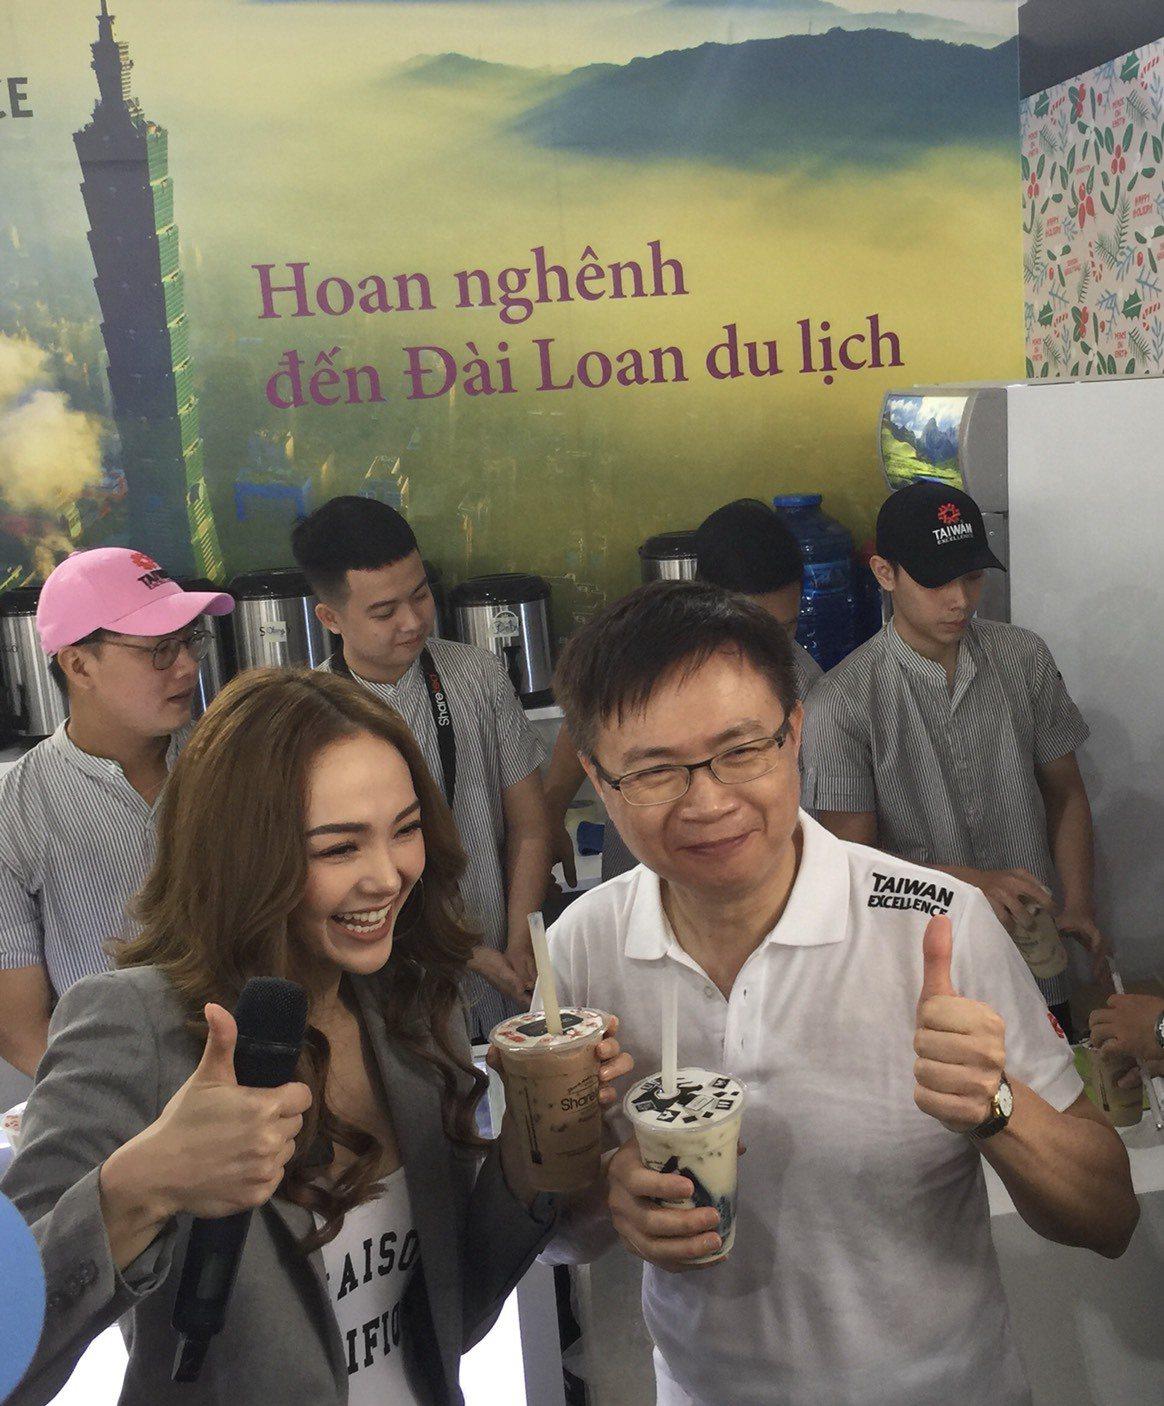 外貿協會董事長黃志芳(前右)邀請台灣精品代言人Minh Hang(前左)品嚐歇腳...